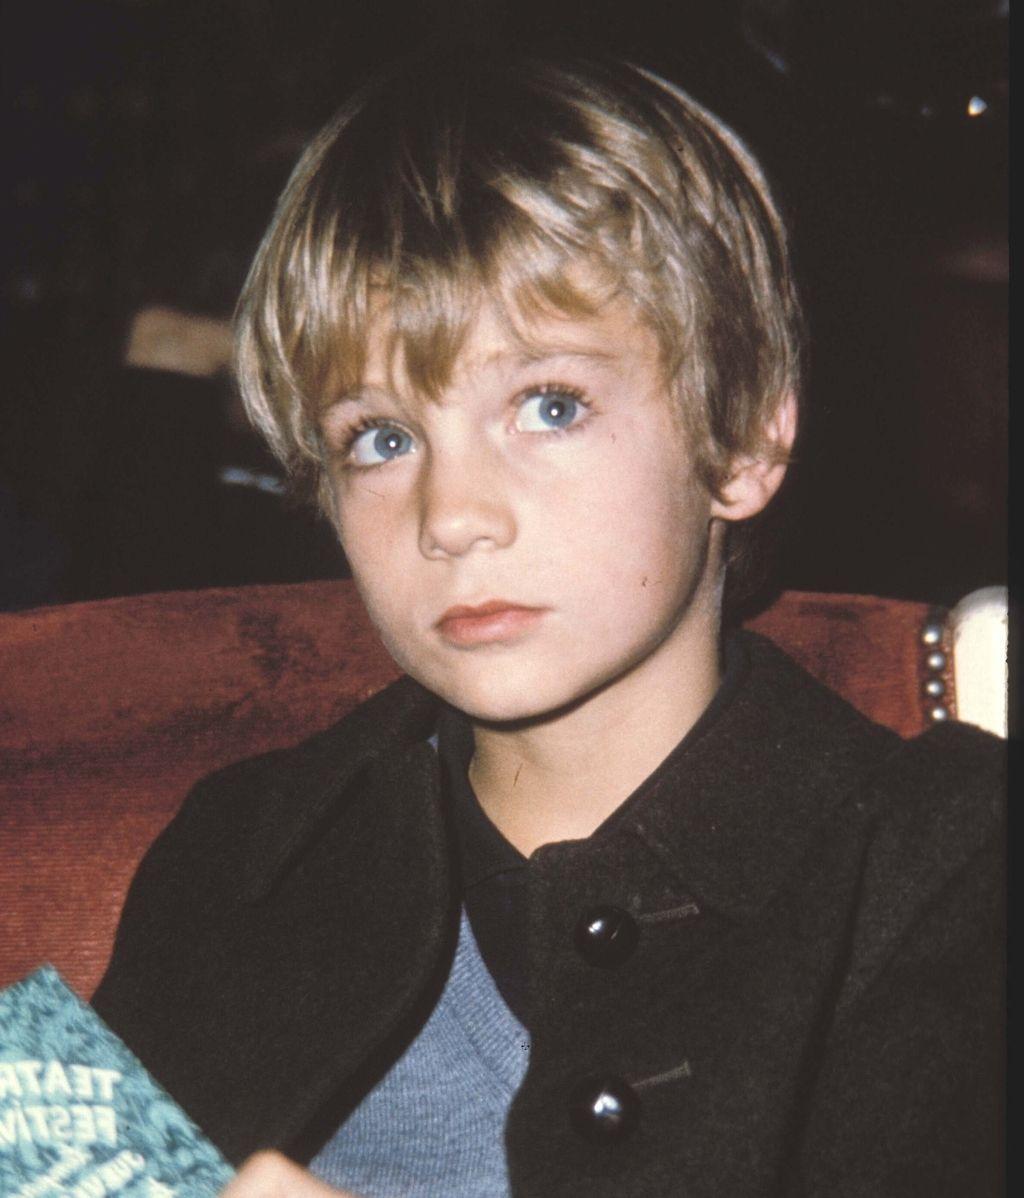 Cuándo Felipe VI aún era un niño